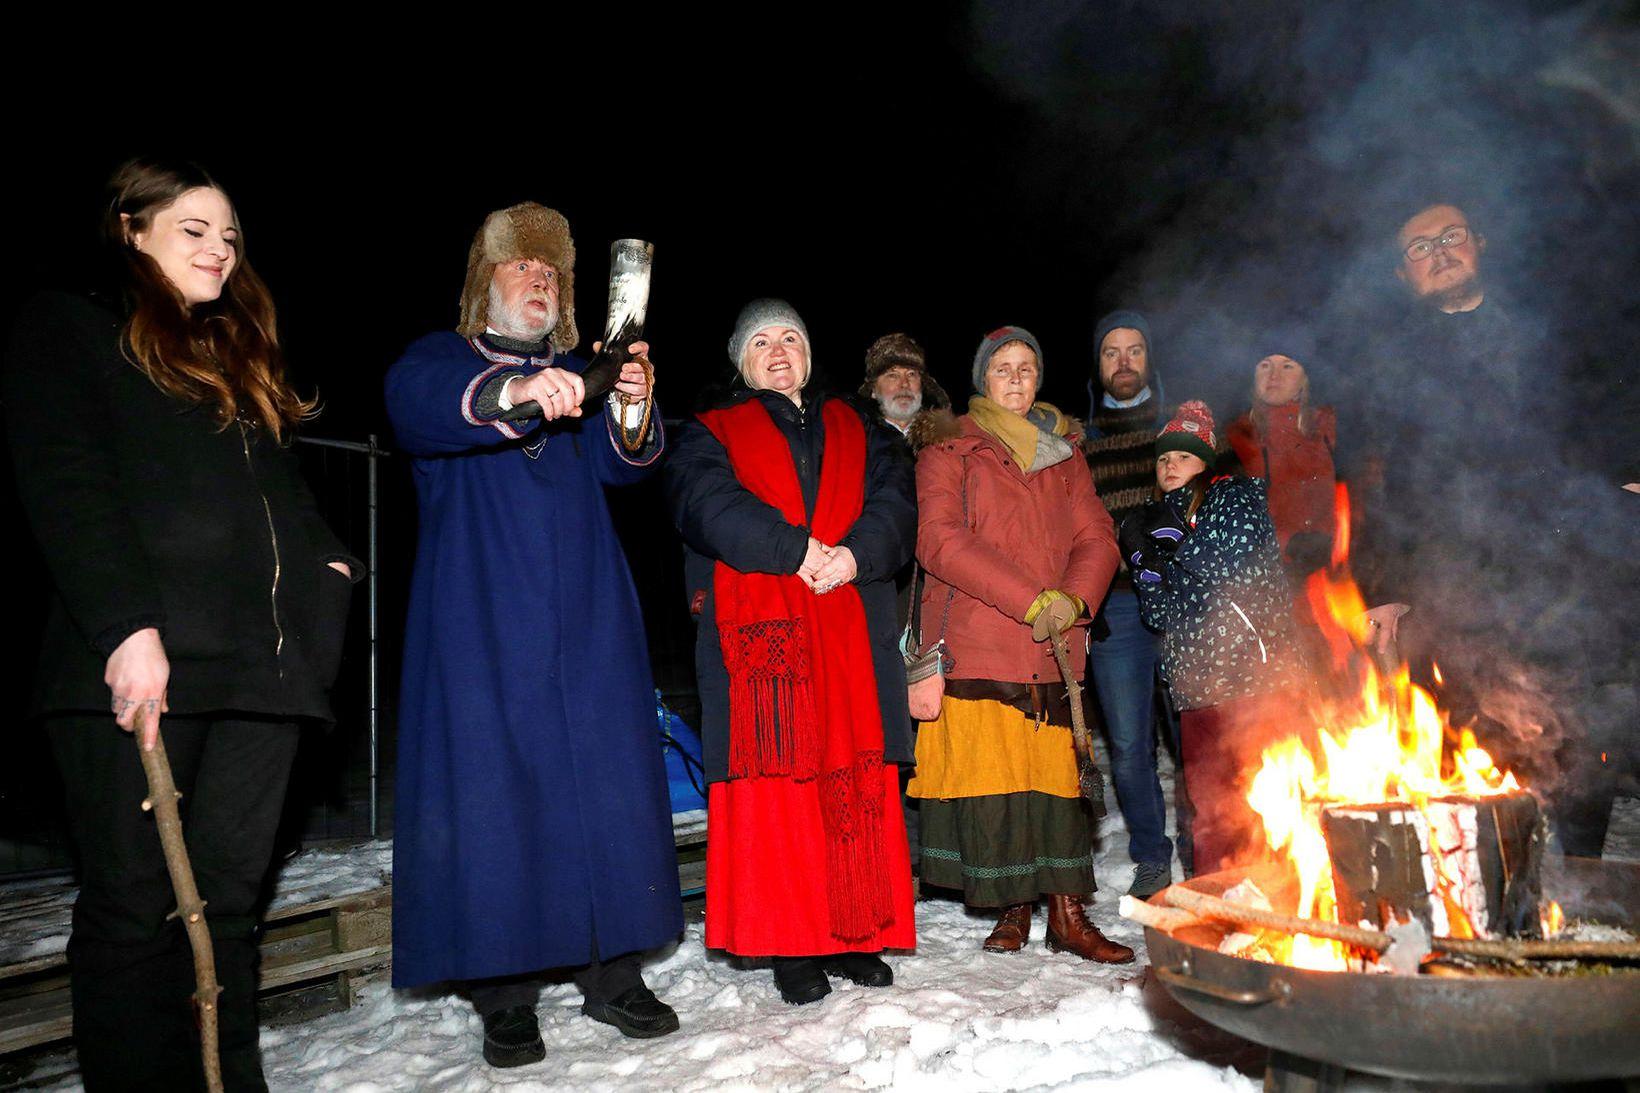 Ásatrúarfólk blótar í Öskjuhlíð í desember 2019.